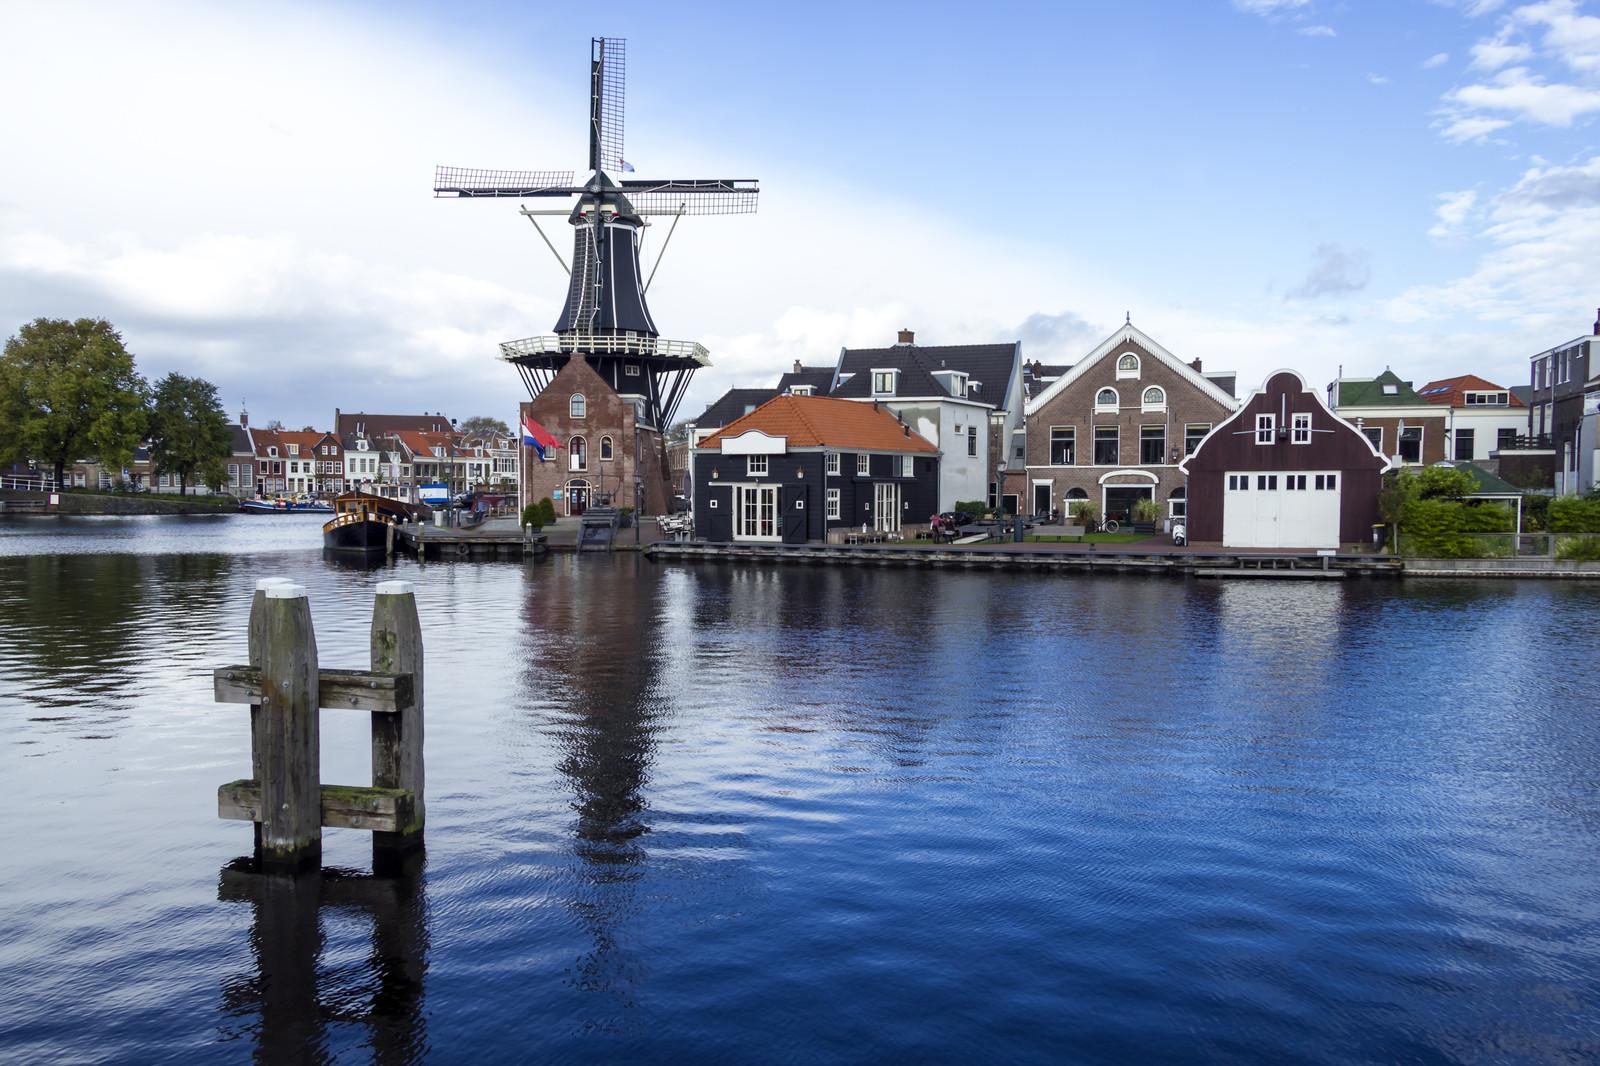 Molen-Haarlem